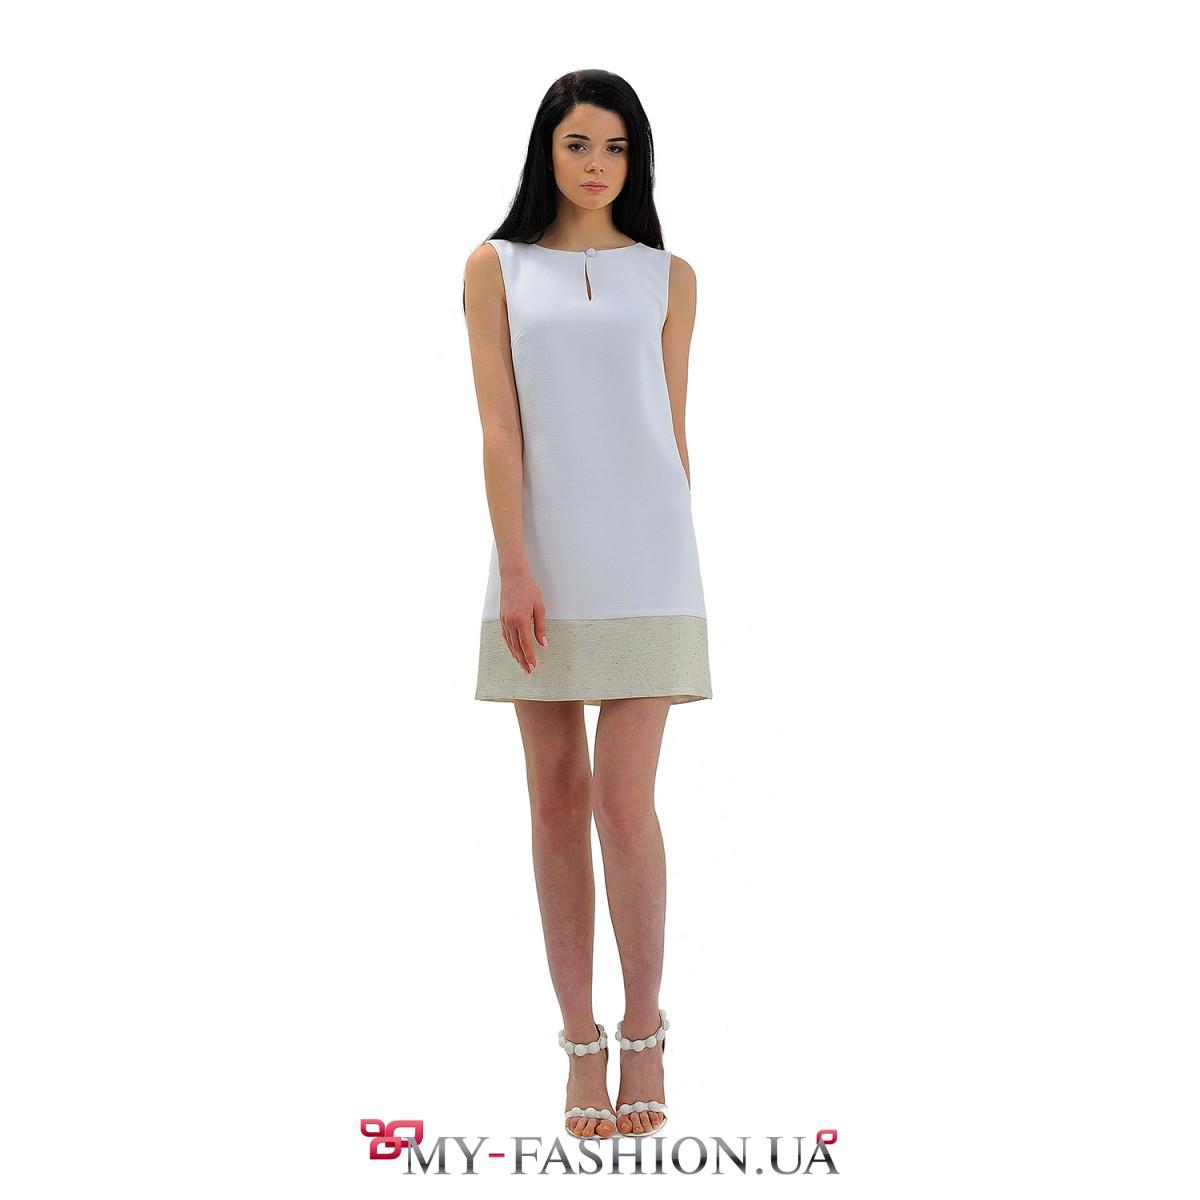 Дизайнерское платье белое